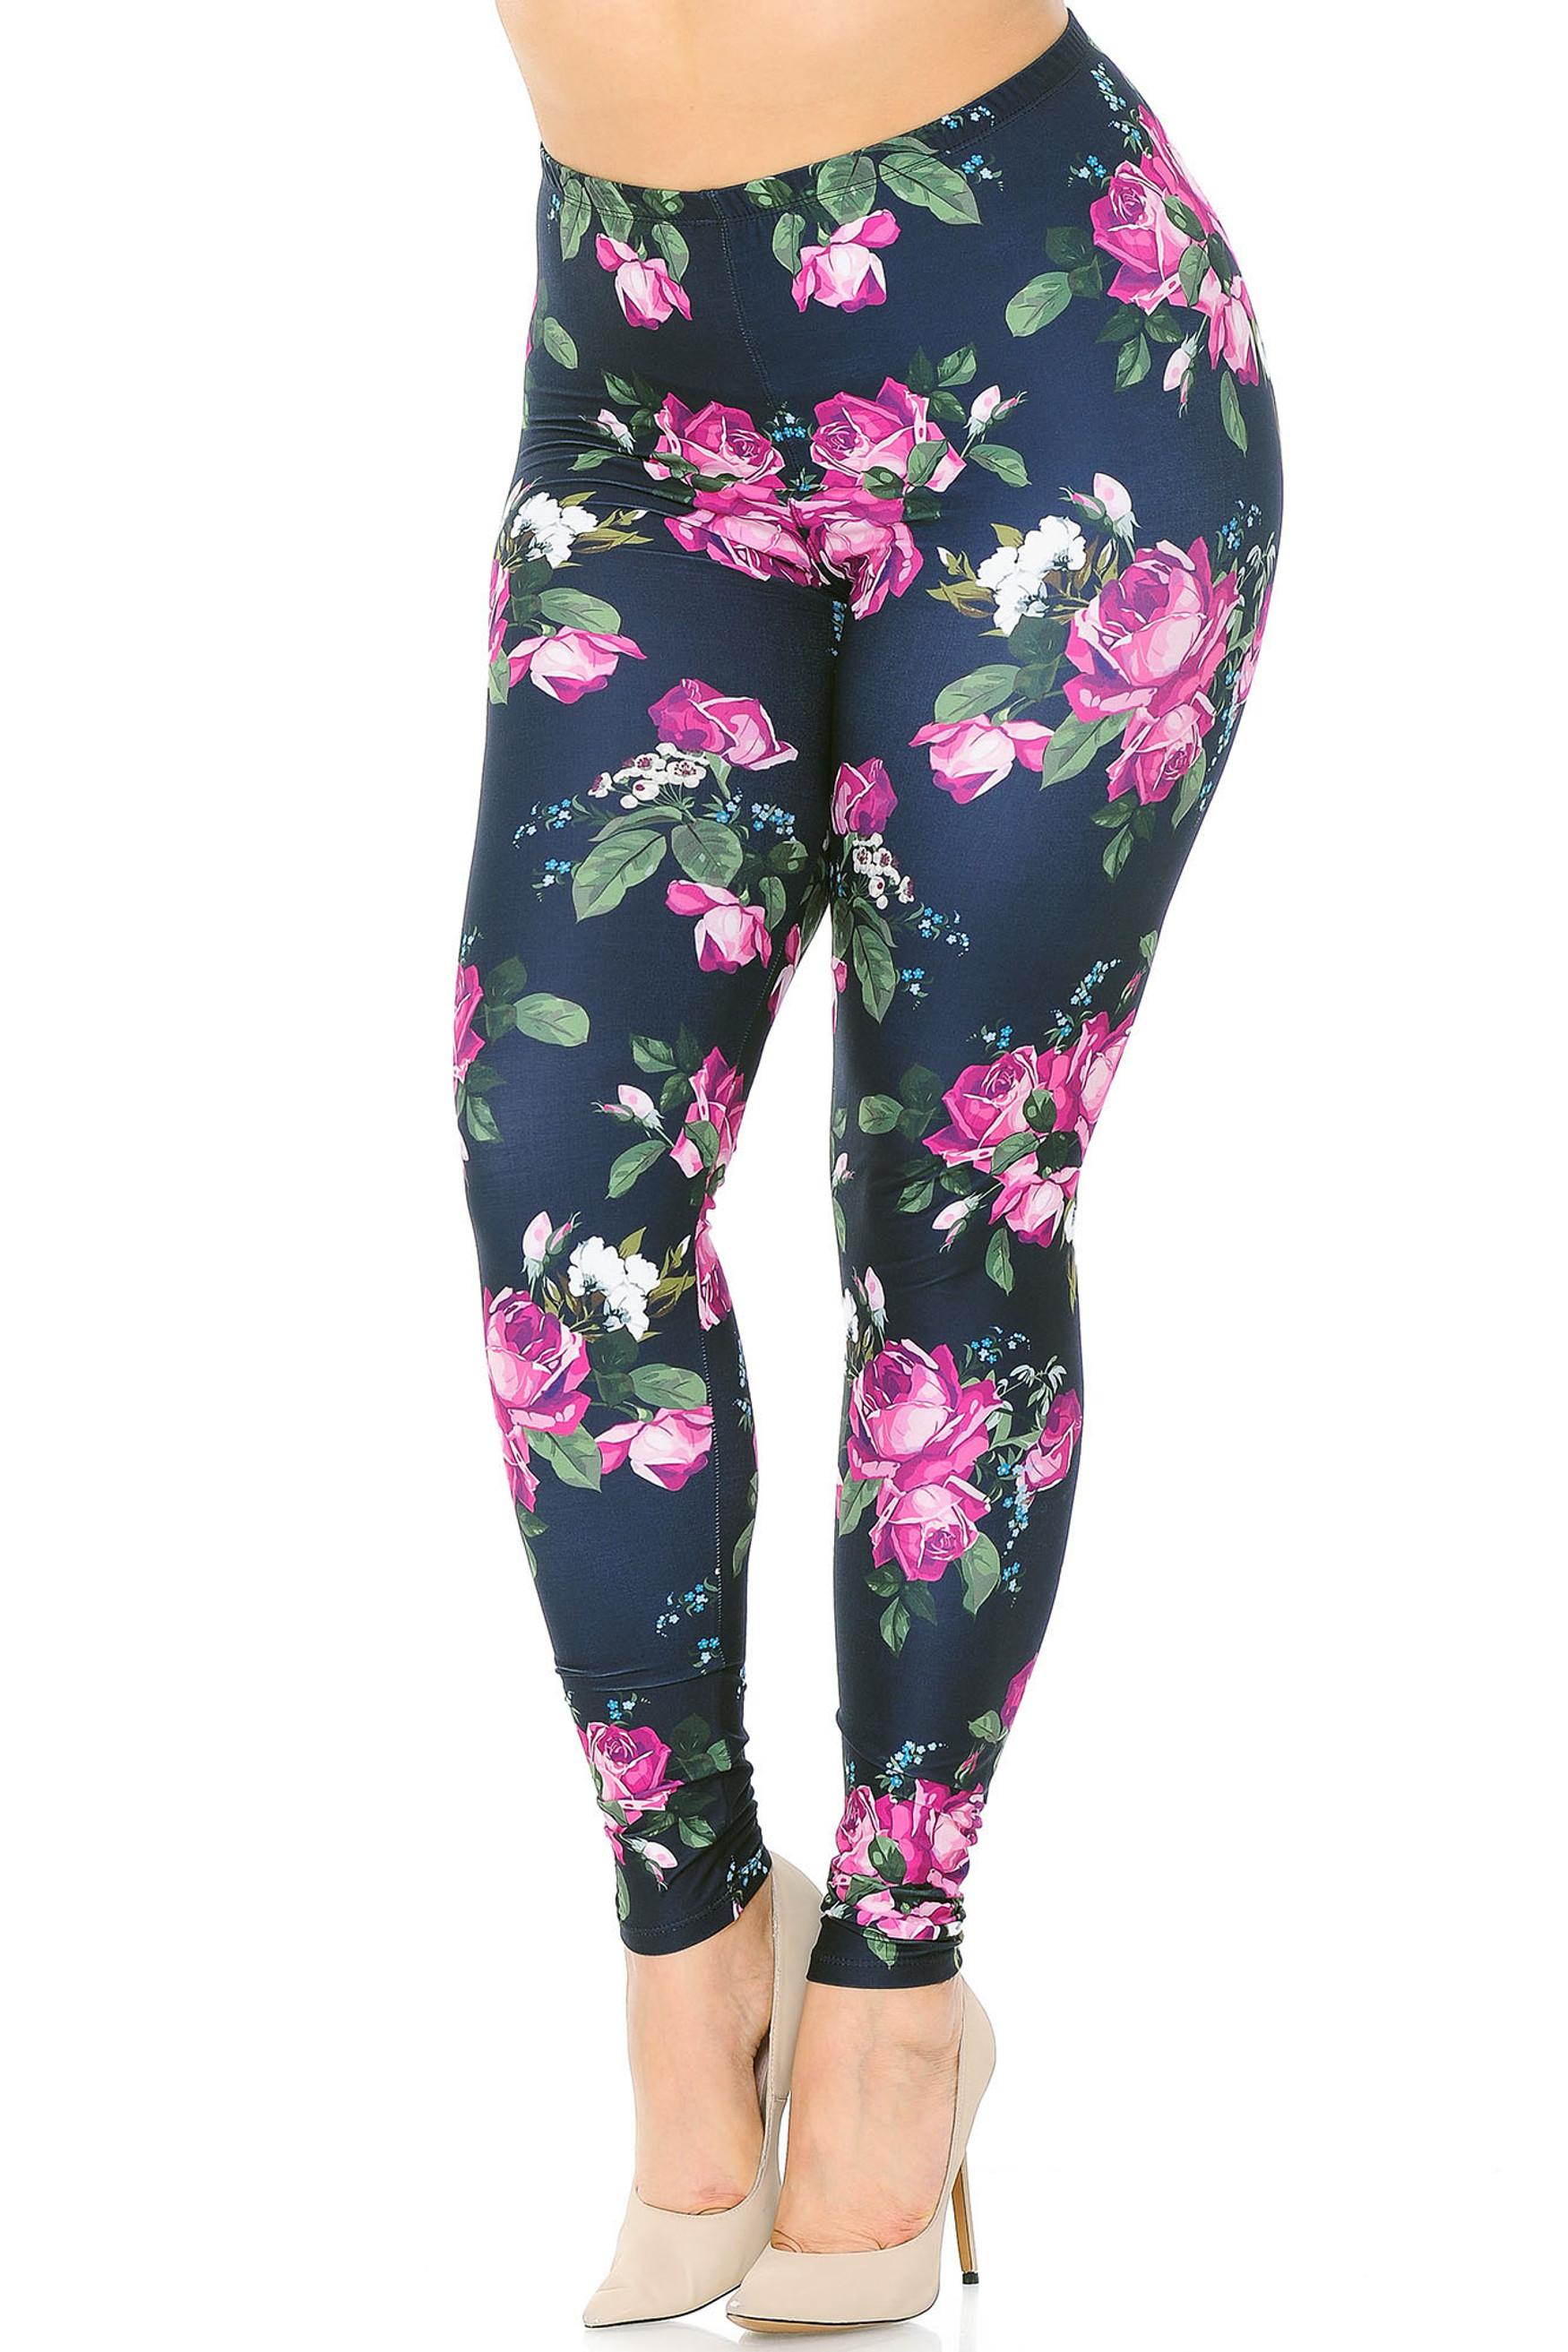 Creamy Soft Fuchsia Rose Plus Size Leggings - USA Fashion™